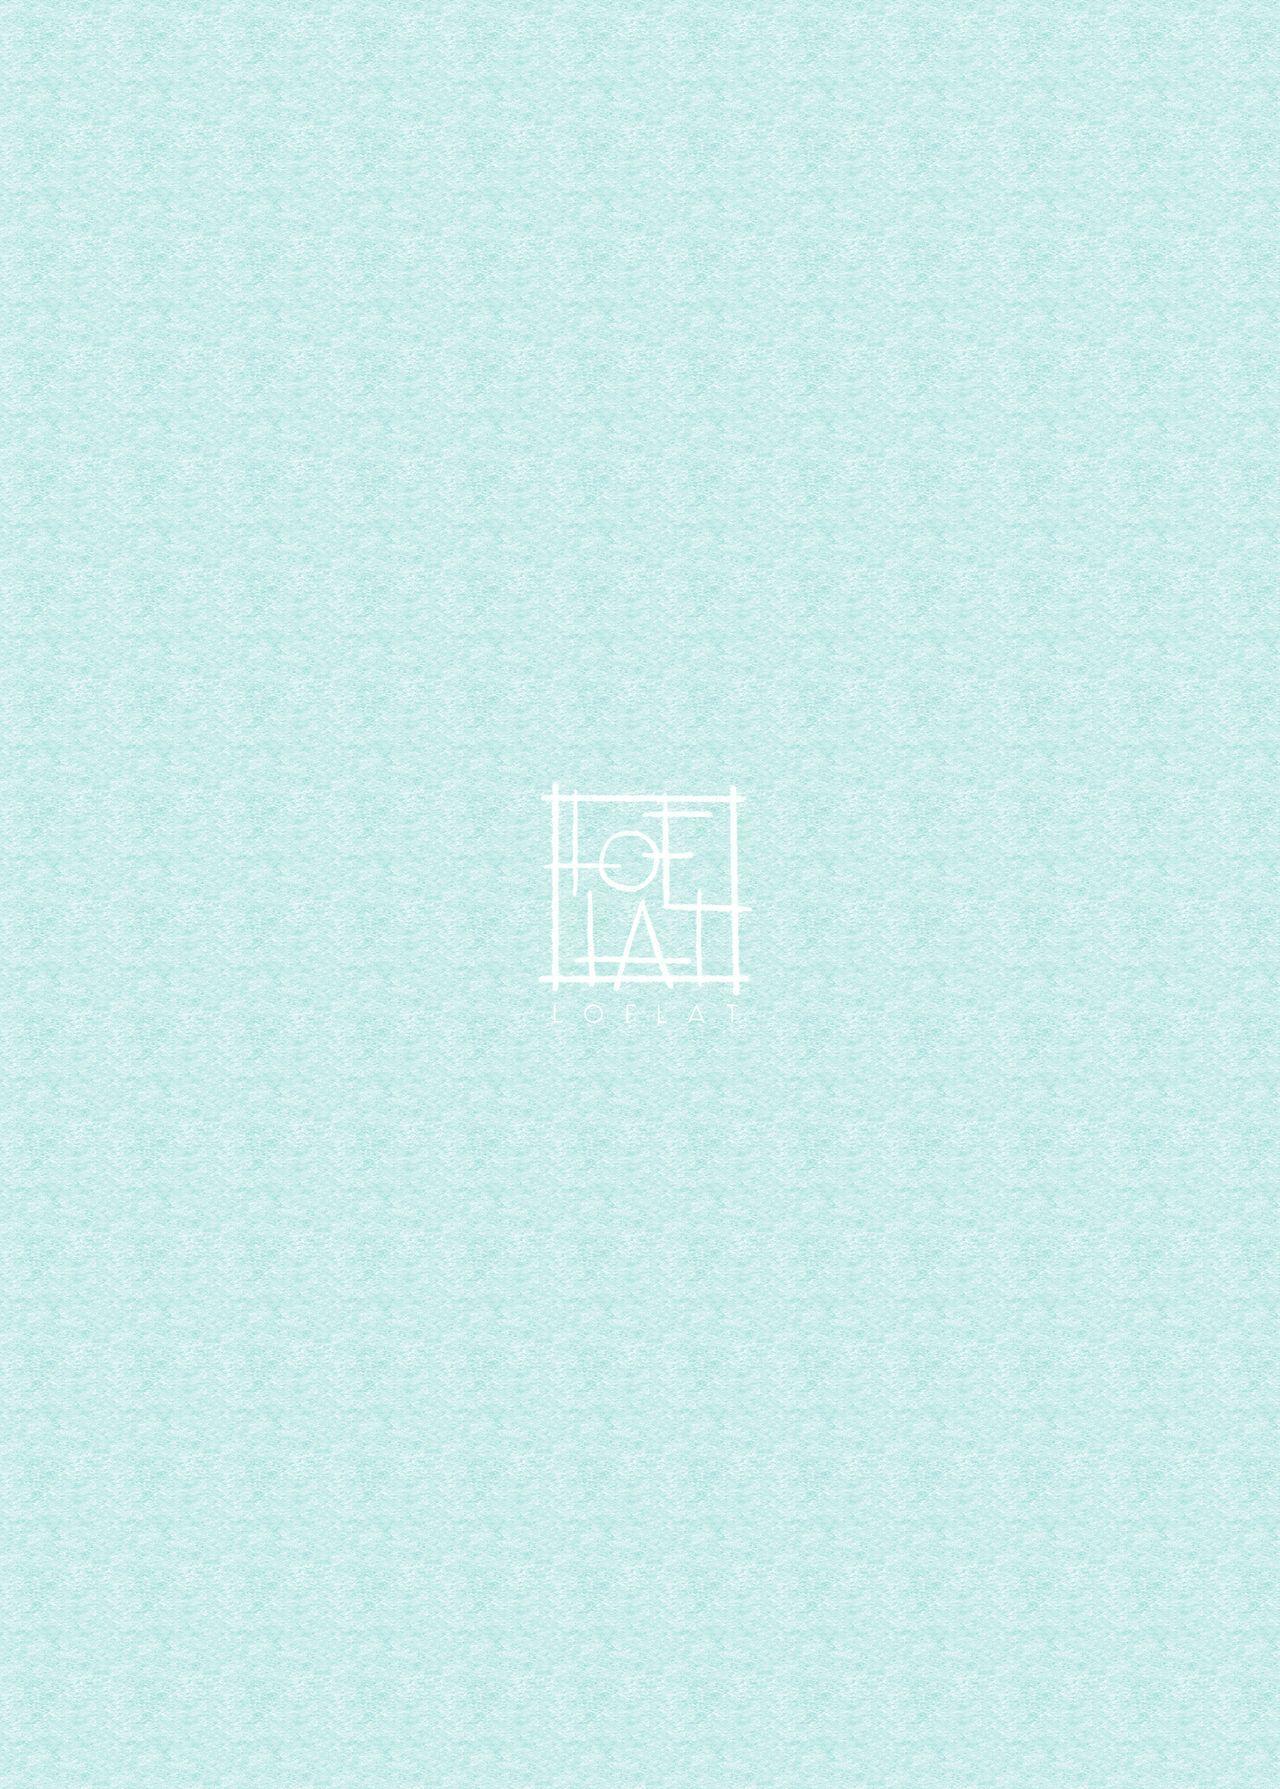 [LOFLAT (Prime)] Hishokan Kaga no Natsuyasumi -Sono Ni- | Secretary Ship Kaga's Summer Vacation - Part 2 (Kantai Collection -KanColle-)  [English] [2d-market.com] [Decensored] [Digital] 21